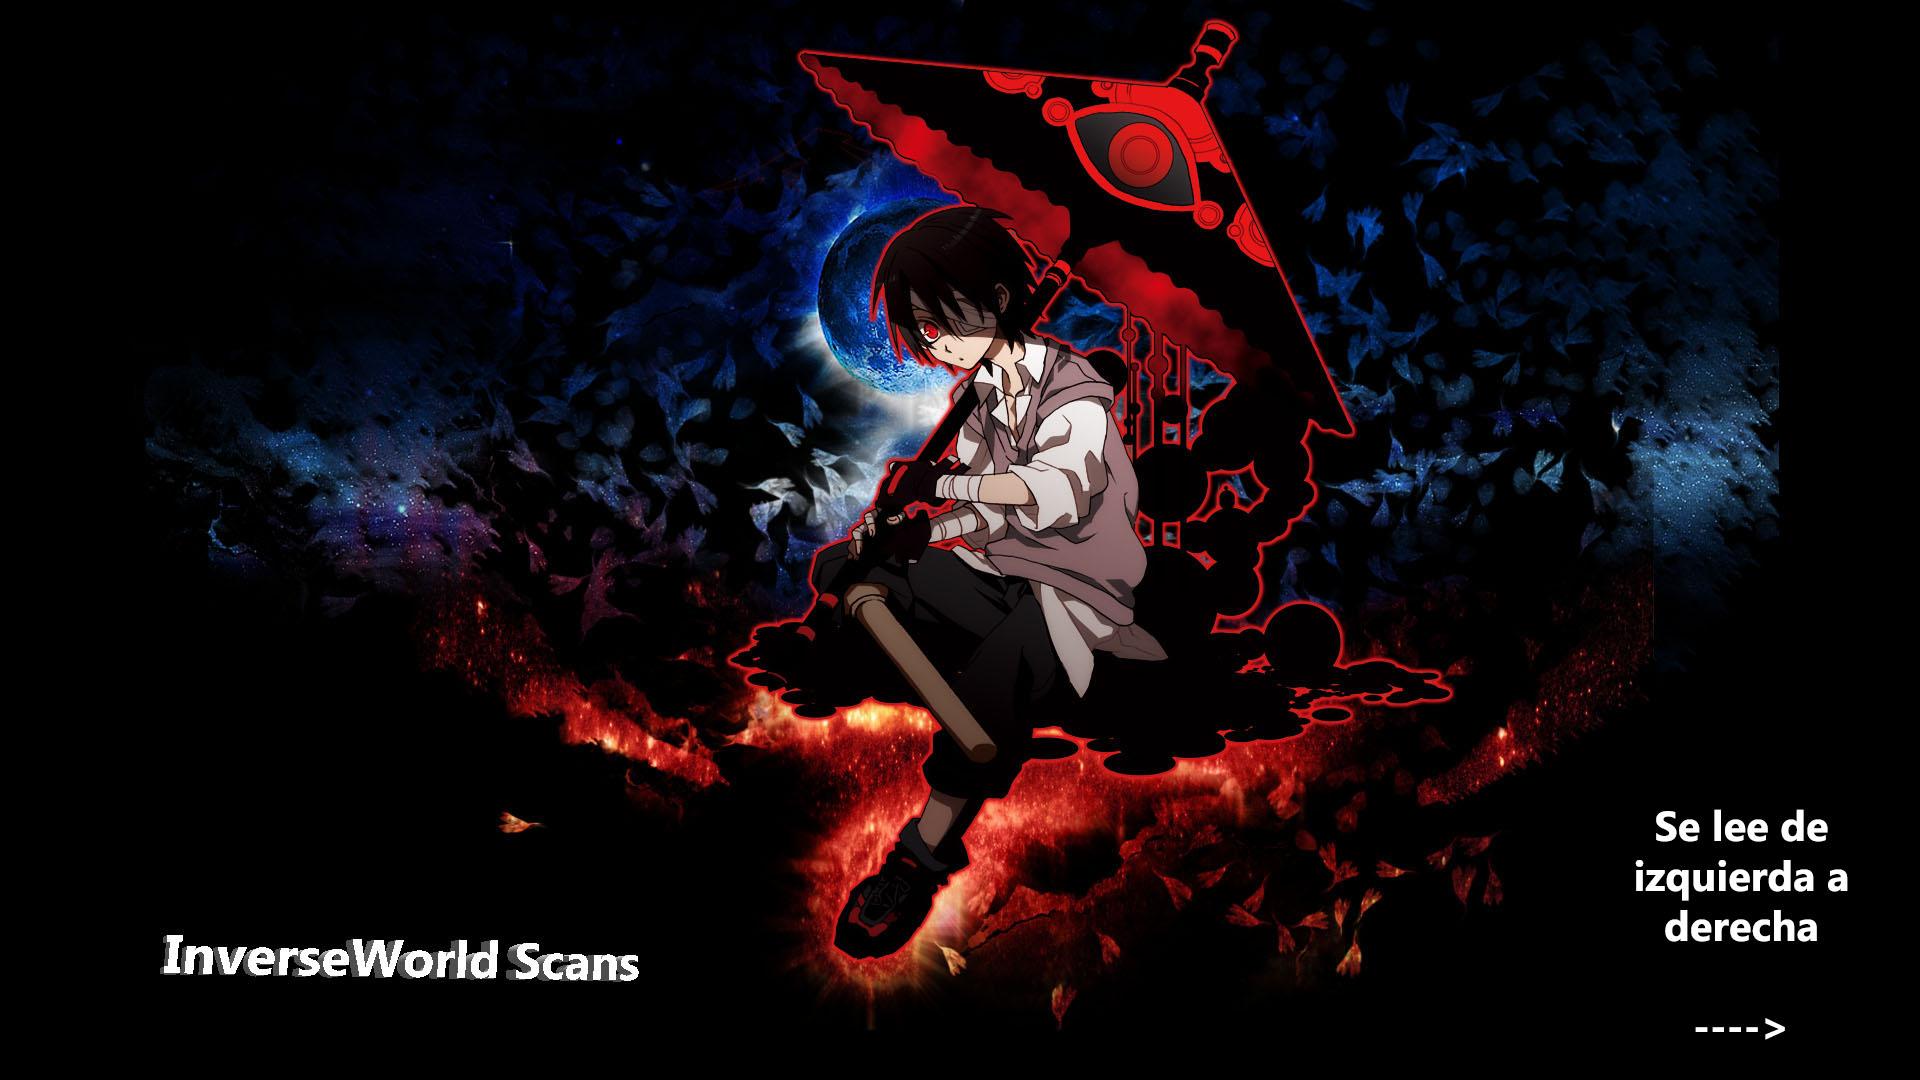 https://c5.ninemanga.com/es_manga/18/16210/415304/686dfb661910361a49dd13a49674b668.jpg Page 1